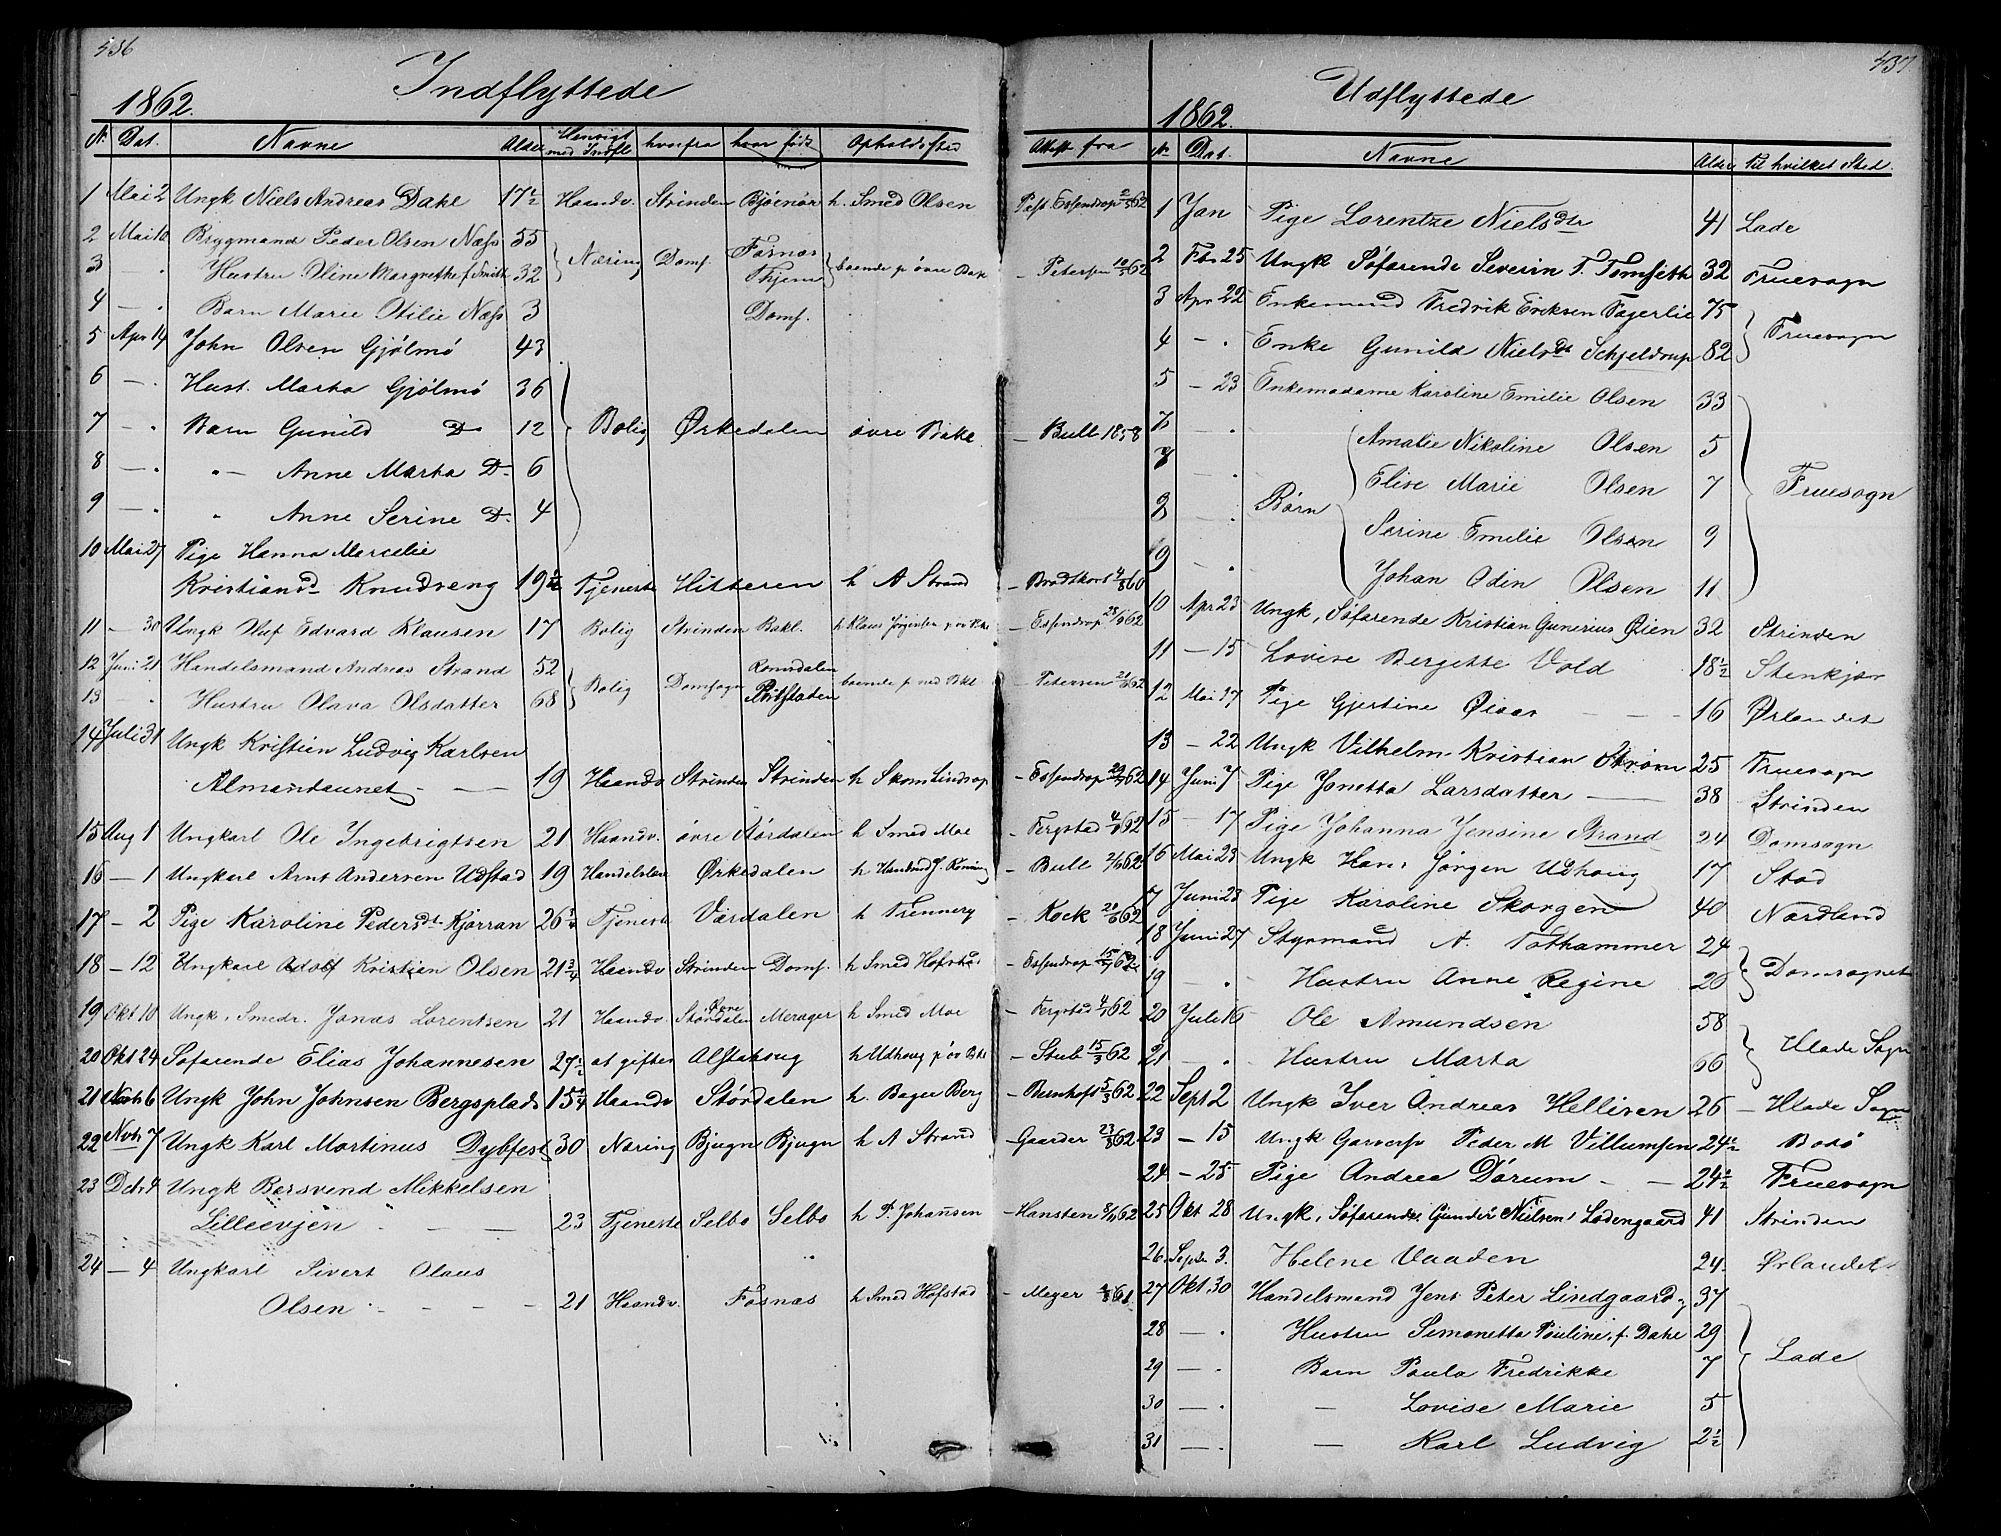 SAT, Ministerialprotokoller, klokkerbøker og fødselsregistre - Sør-Trøndelag, 604/L0219: Klokkerbok nr. 604C02, 1851-1869, s. 436-437